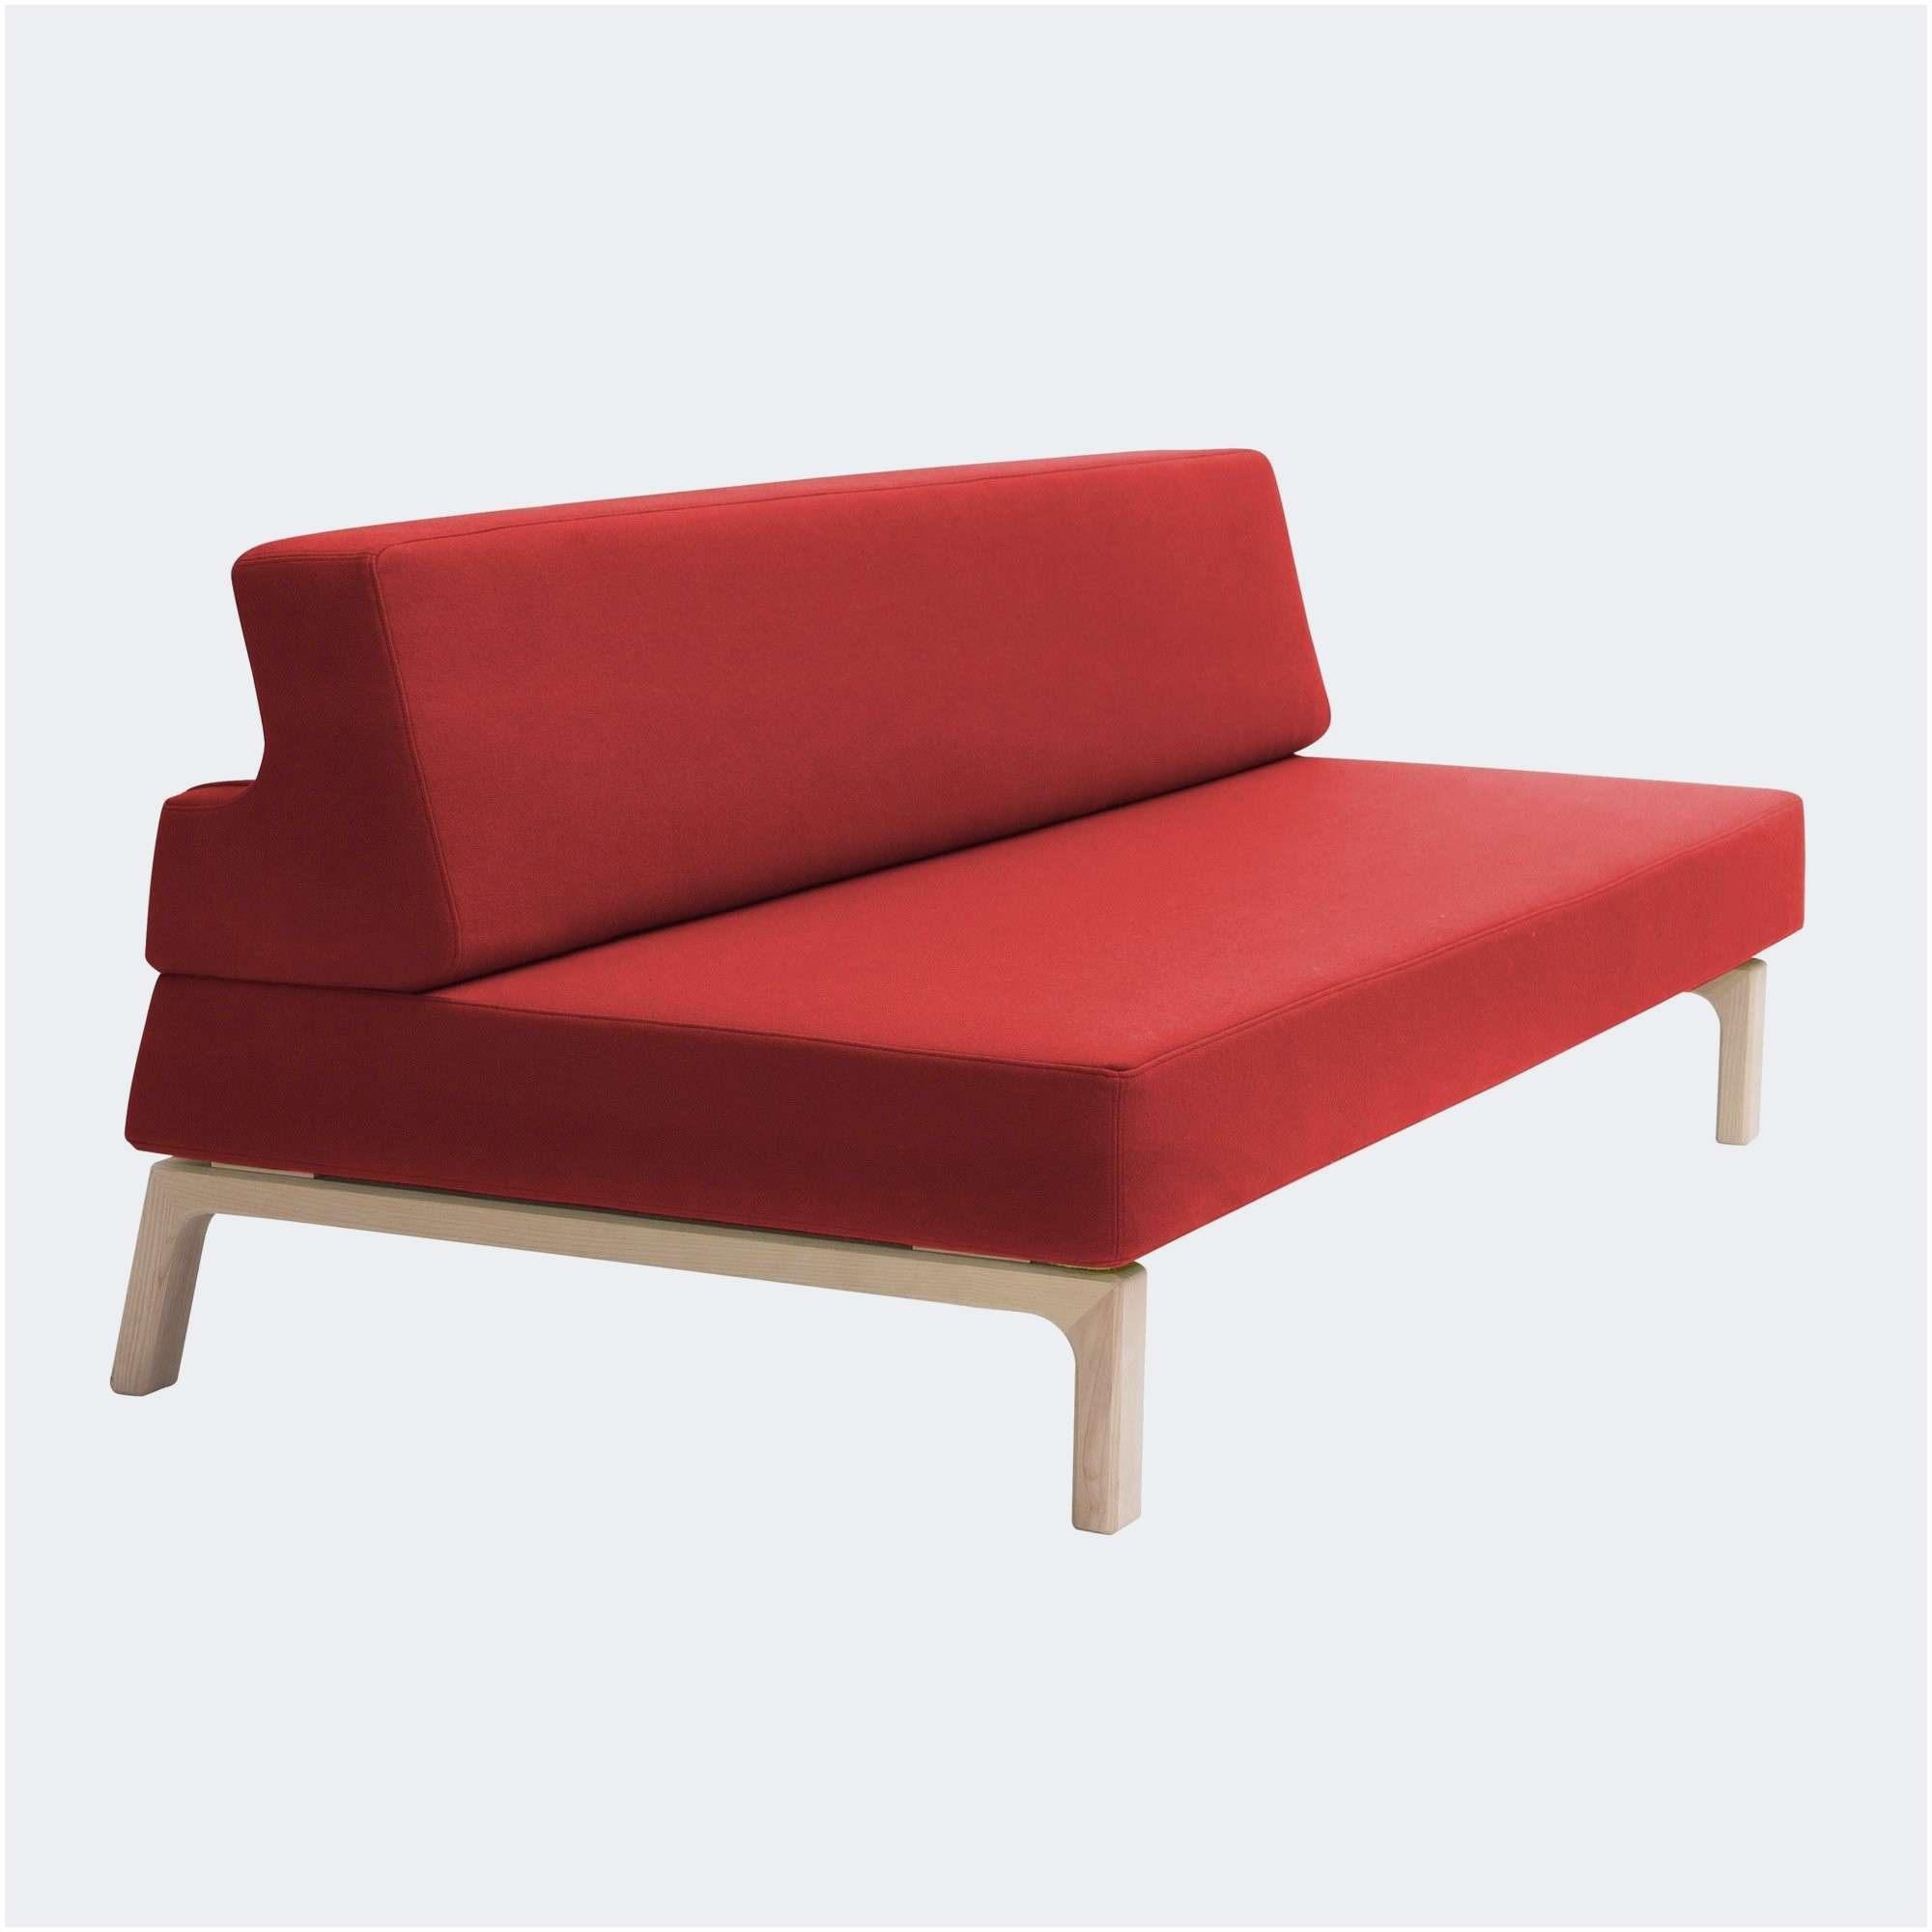 Canapé Lit Convertible Meilleur De Nouveau Canapé 2 Angles Canap Lit Rouge 3 C3 A9 Design Tgm872 ton